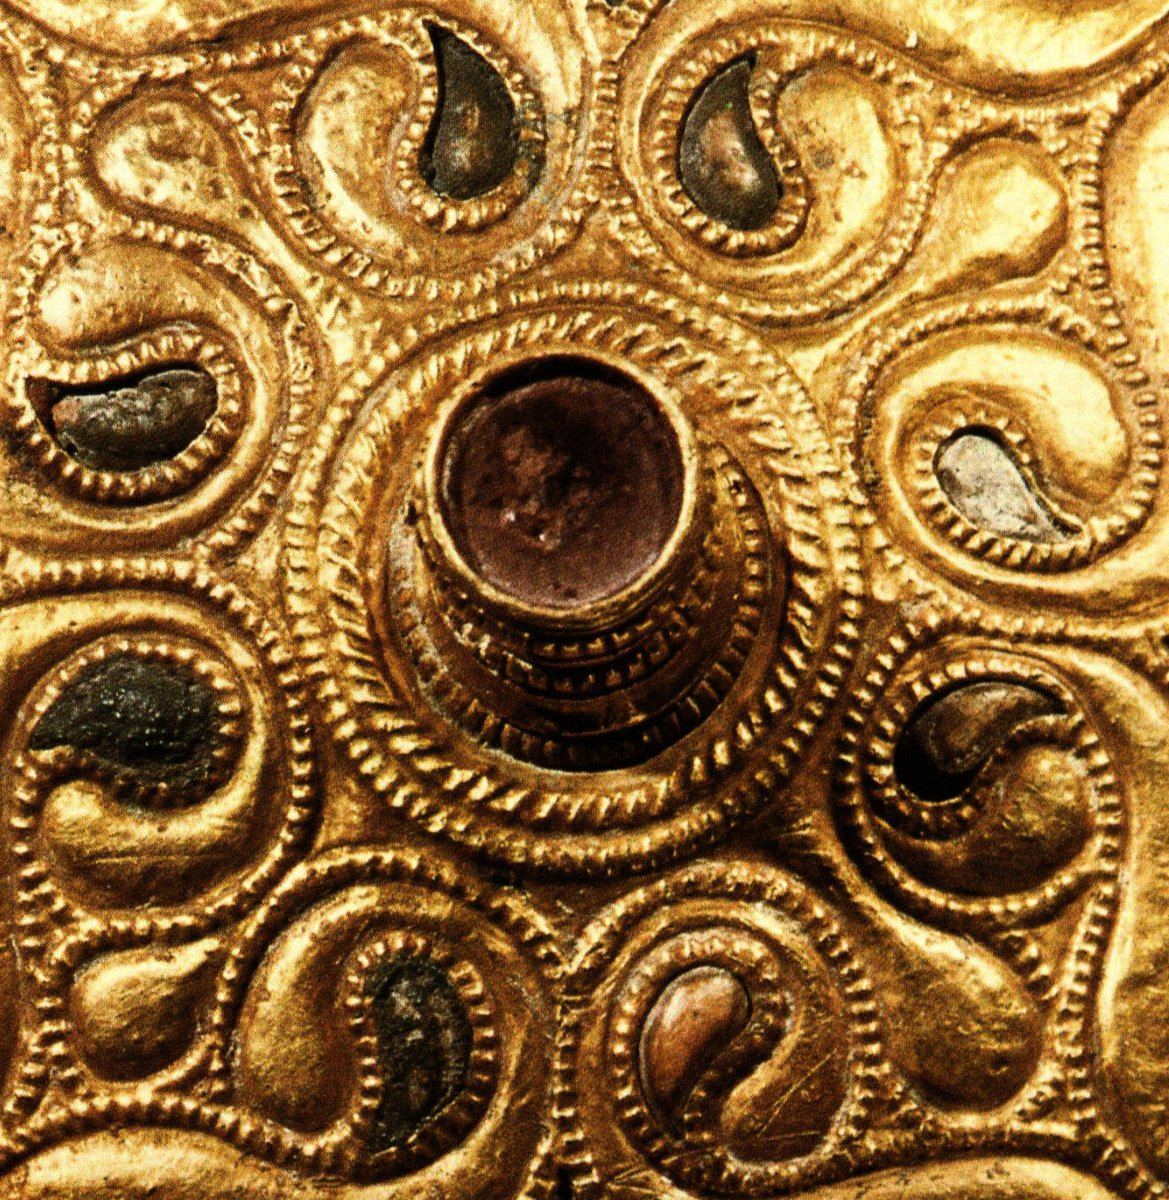 西元前四世紀的凱爾特金飾上的太極圖。(Gun Powder Ma/Wikimedia Commons)